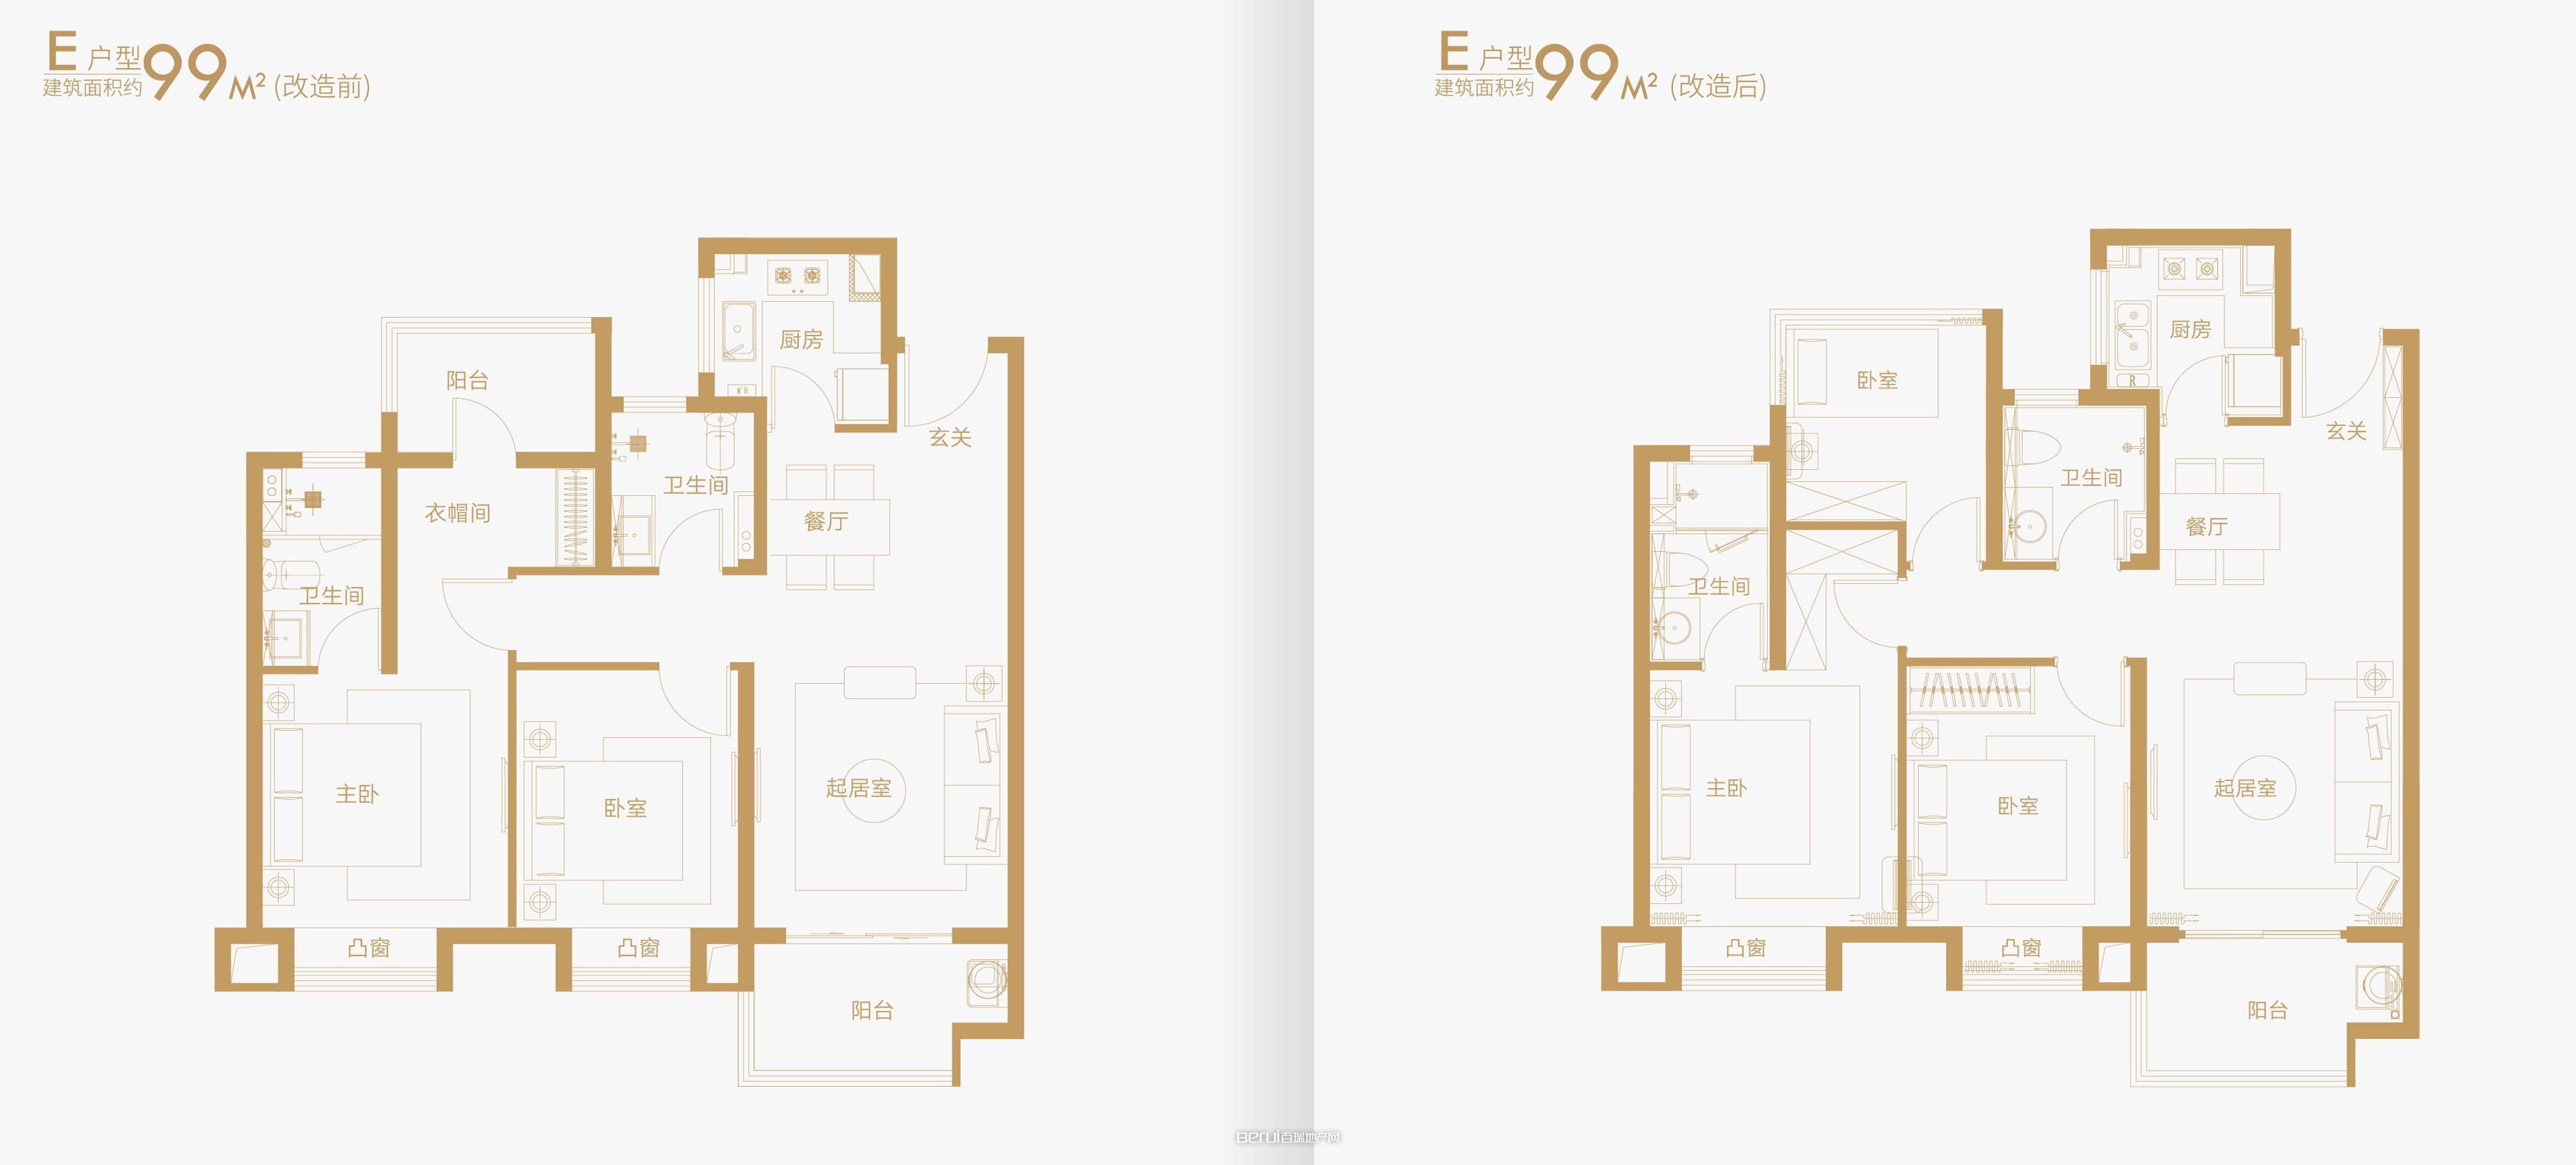 3室2厅2卫99㎡